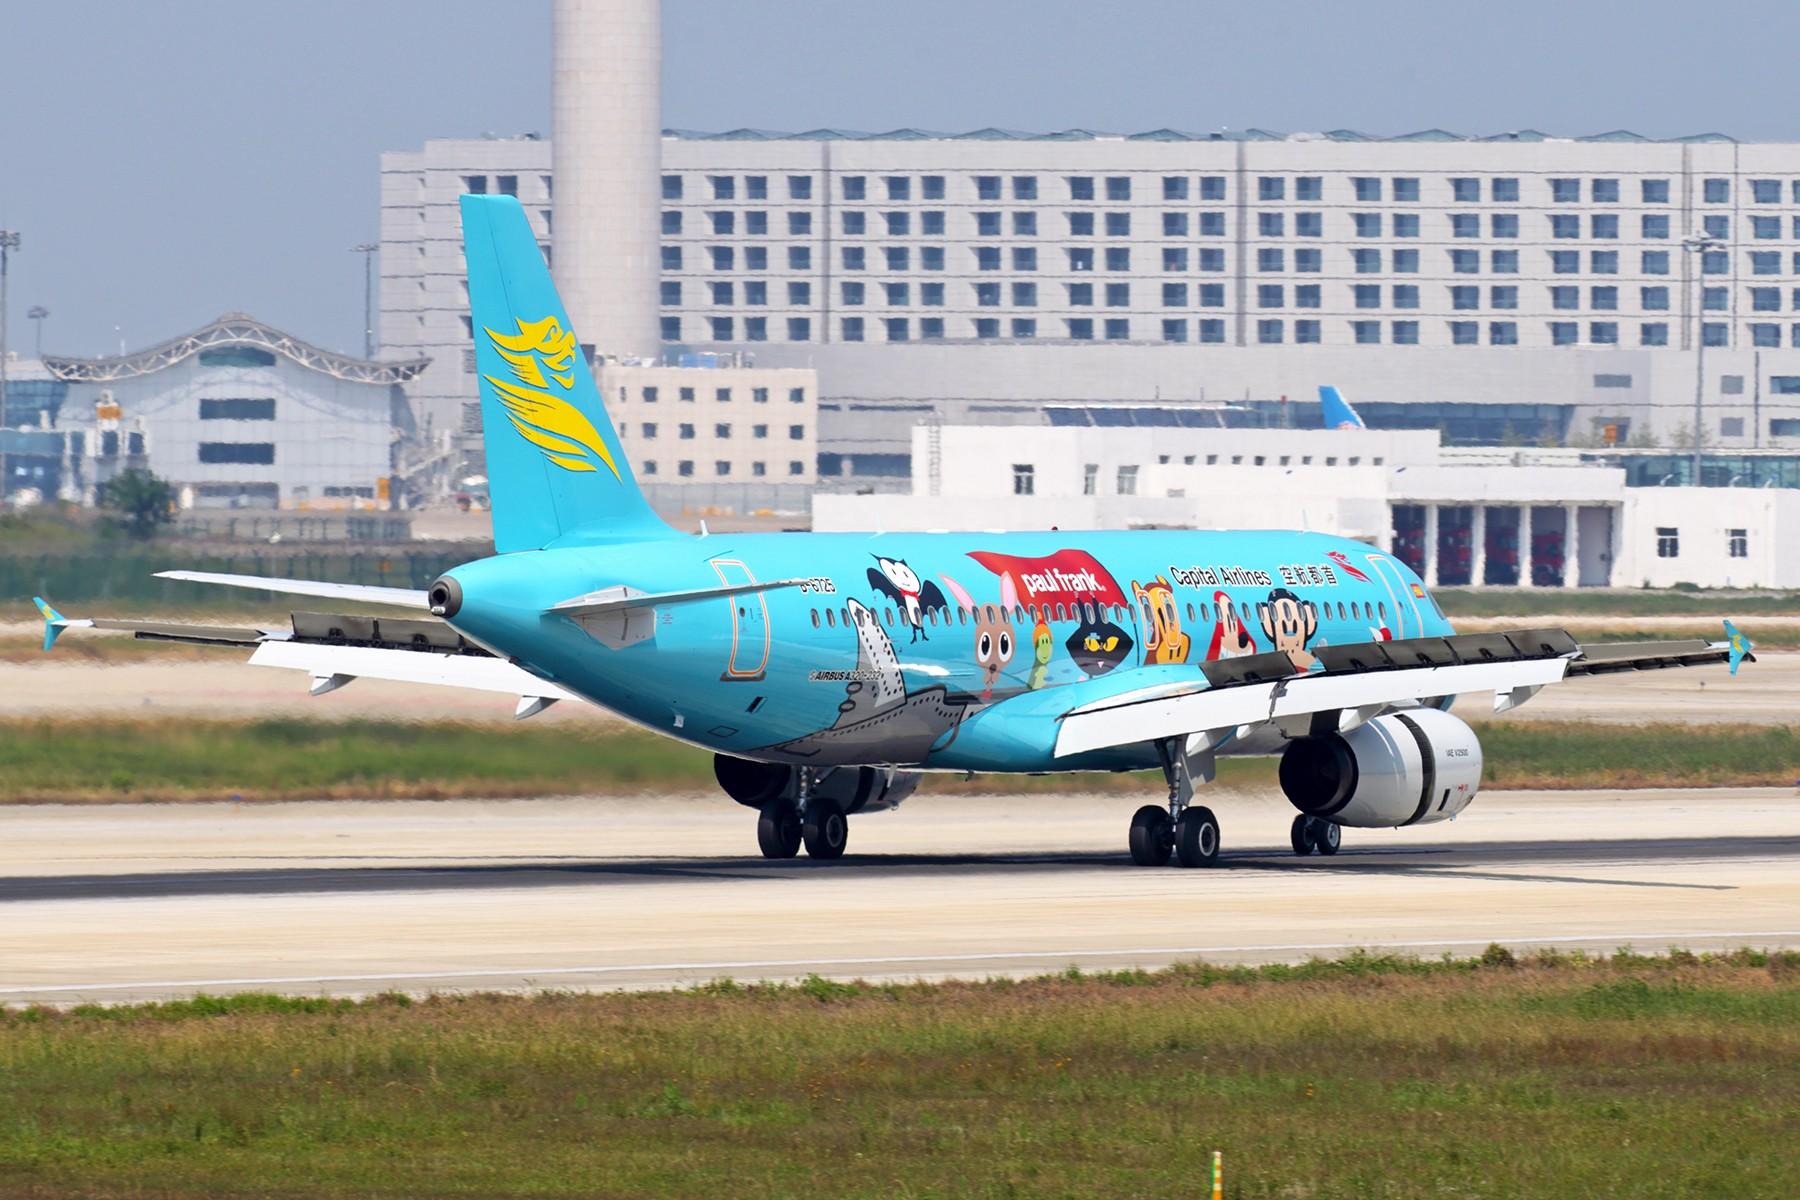 Re:[原创]【BLDDQ】******大嘴猴落地全套****** AIRBUS A320-200 B-6725 中国南京禄口国际机场